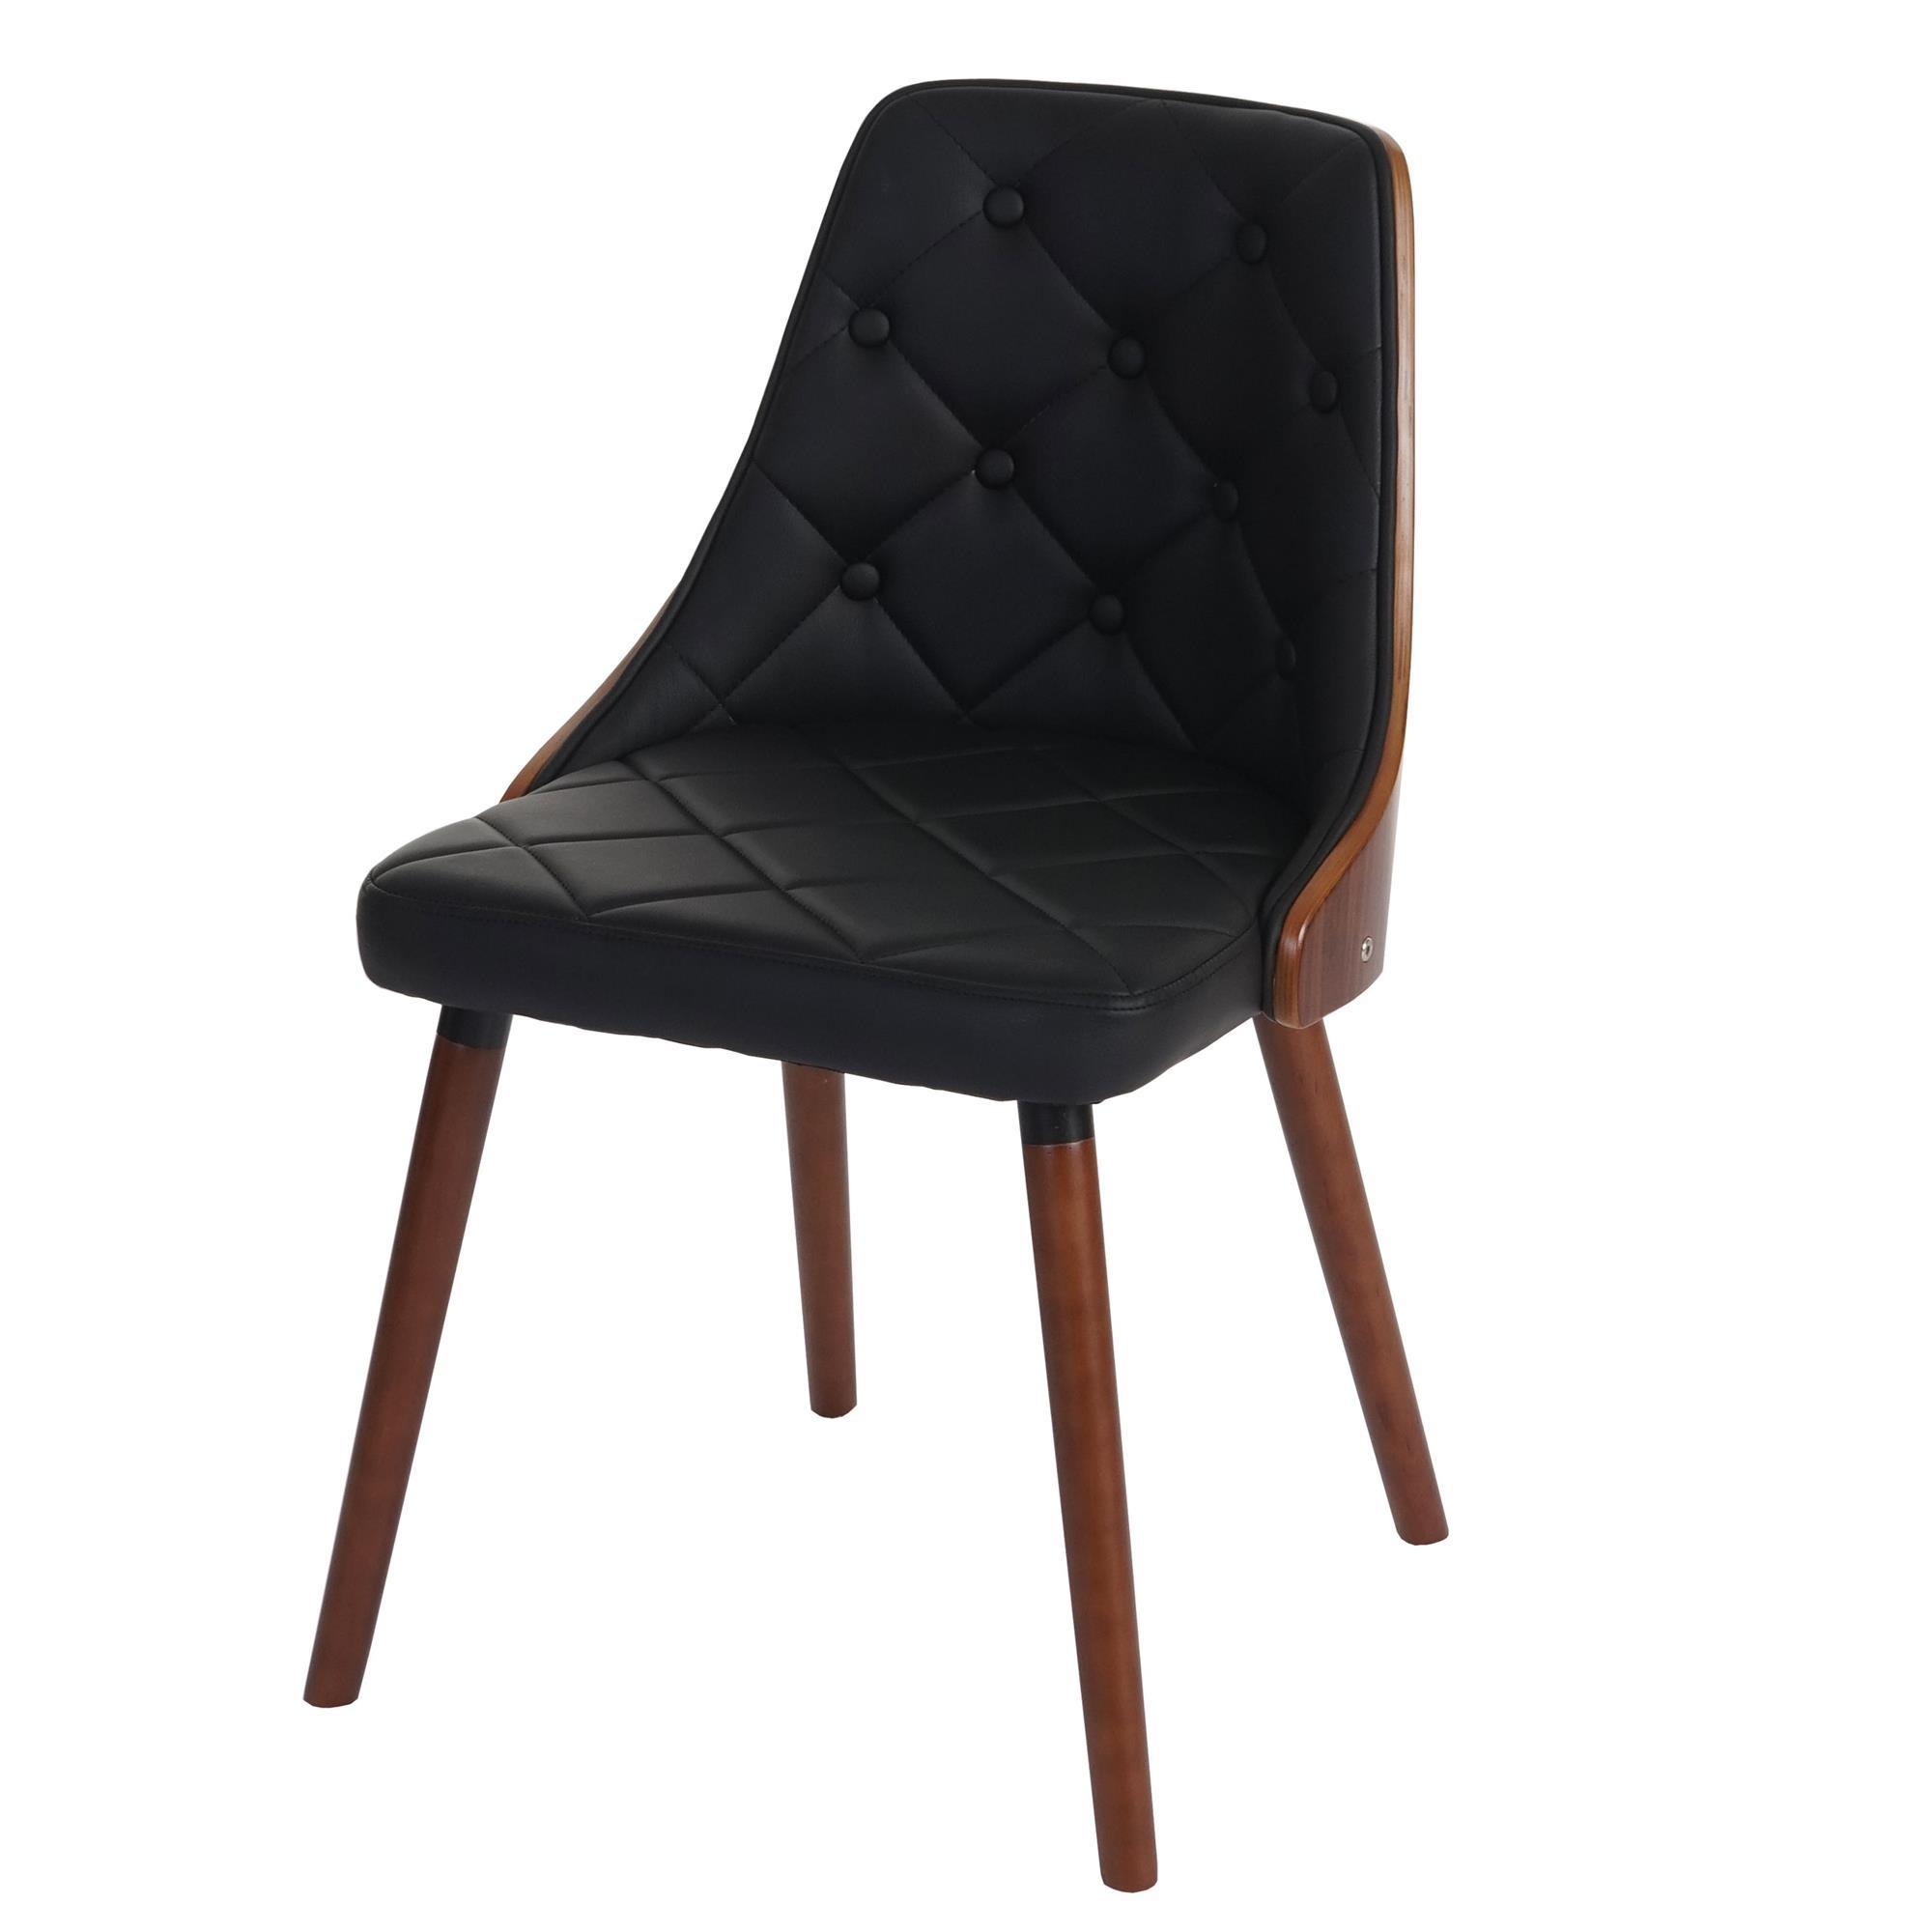 Lote 6 sillas de comedor baley en piel negra conjunto 6 for Comedor de madera 6 sillas